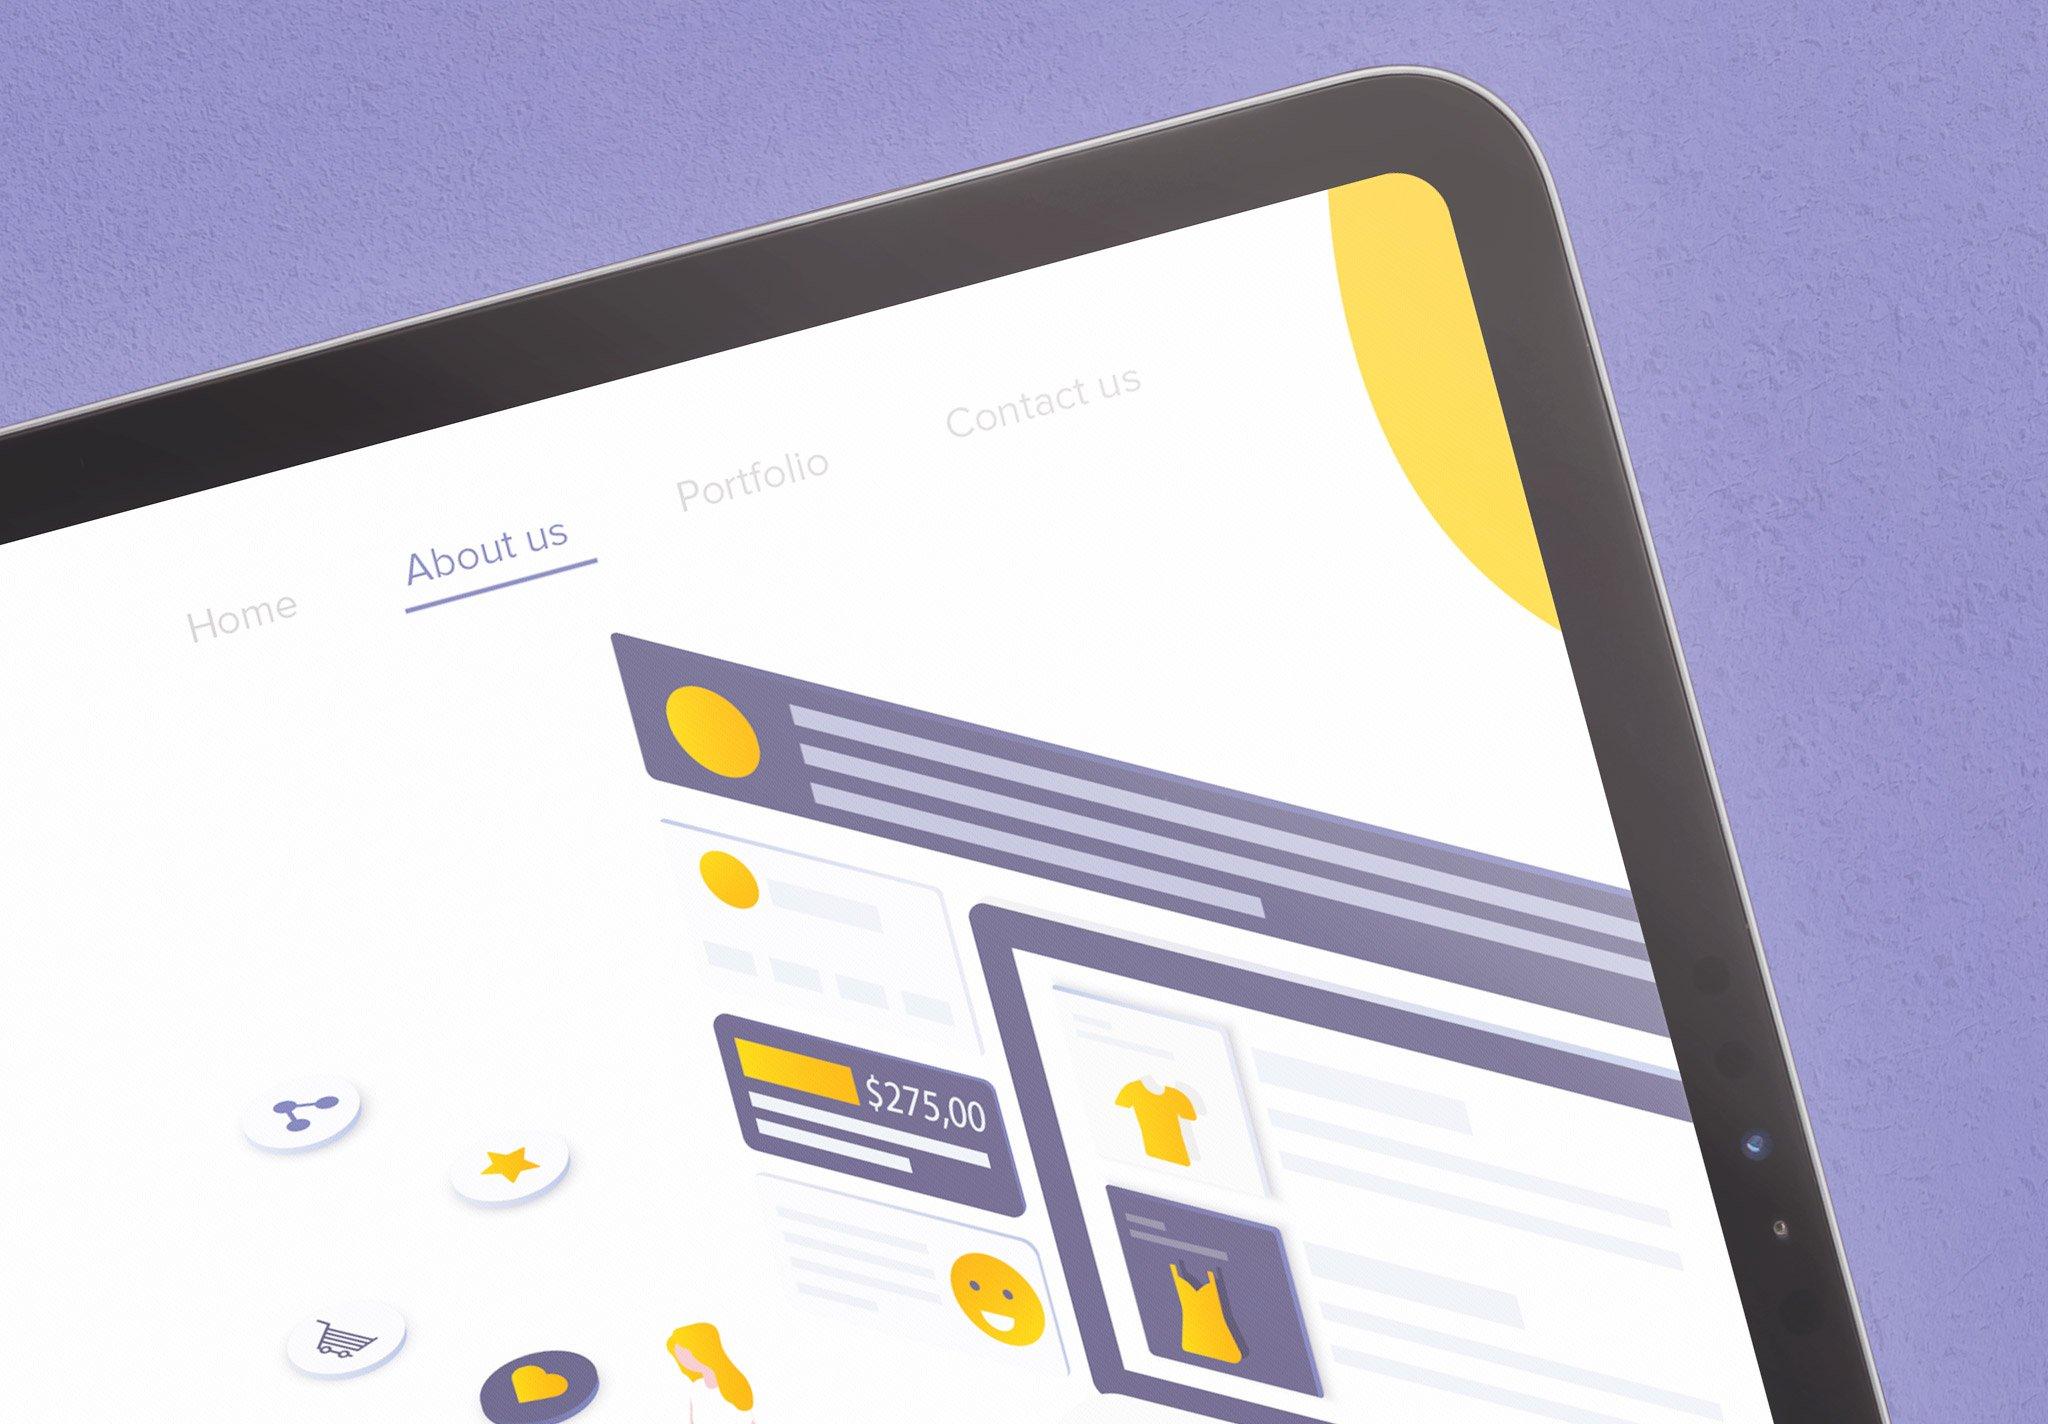 Tablet Pro 11 Mockup Image04